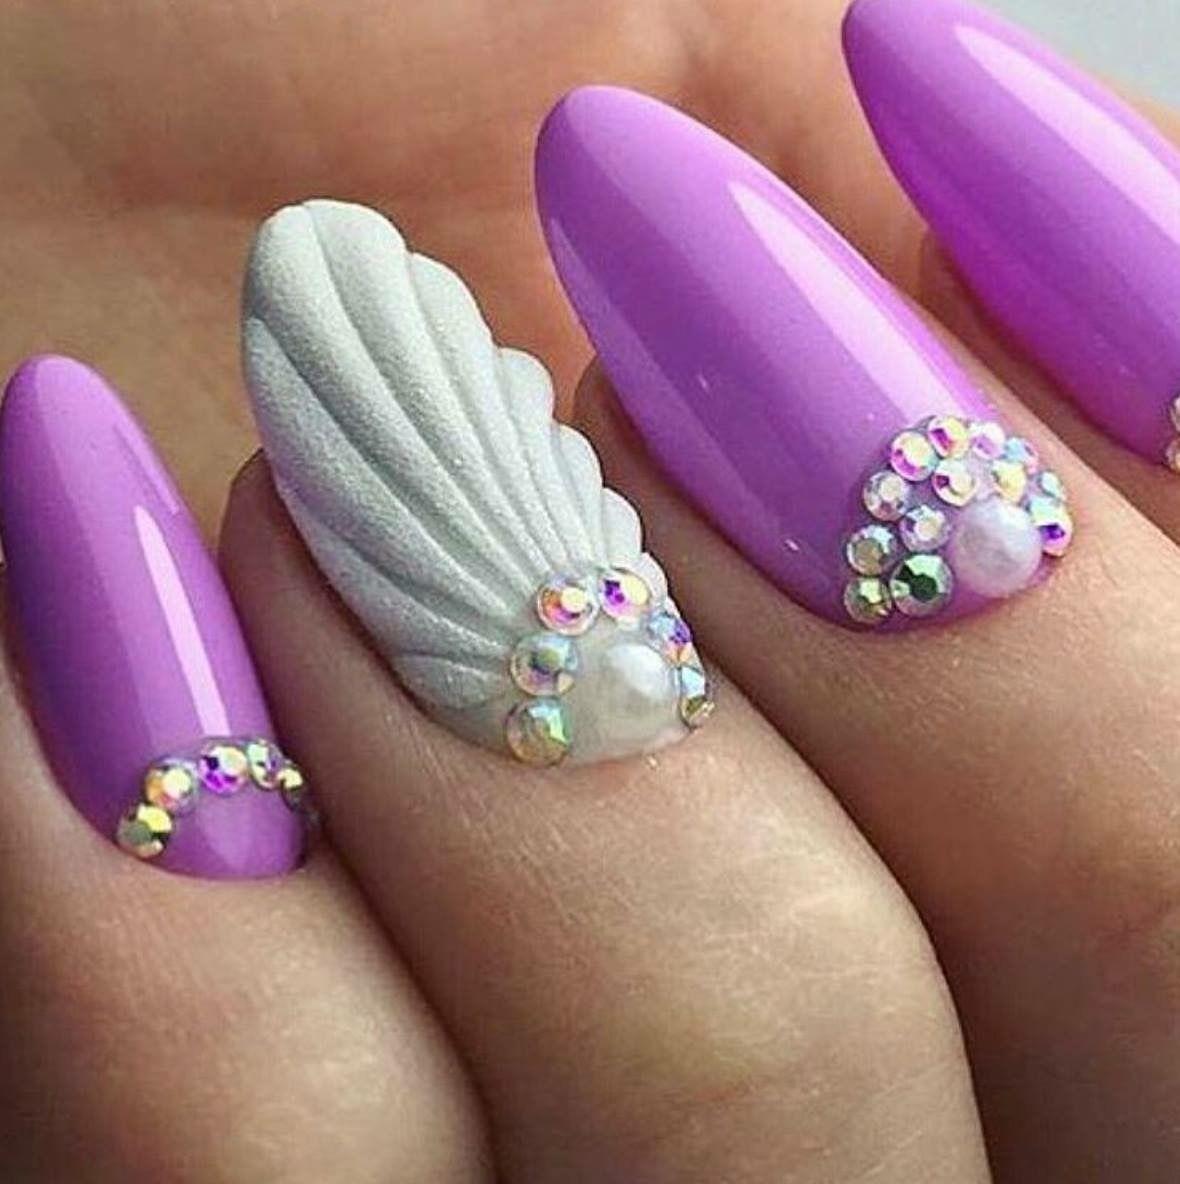 Mermaid Nail Art Adorable: Mermaid Spring Nails